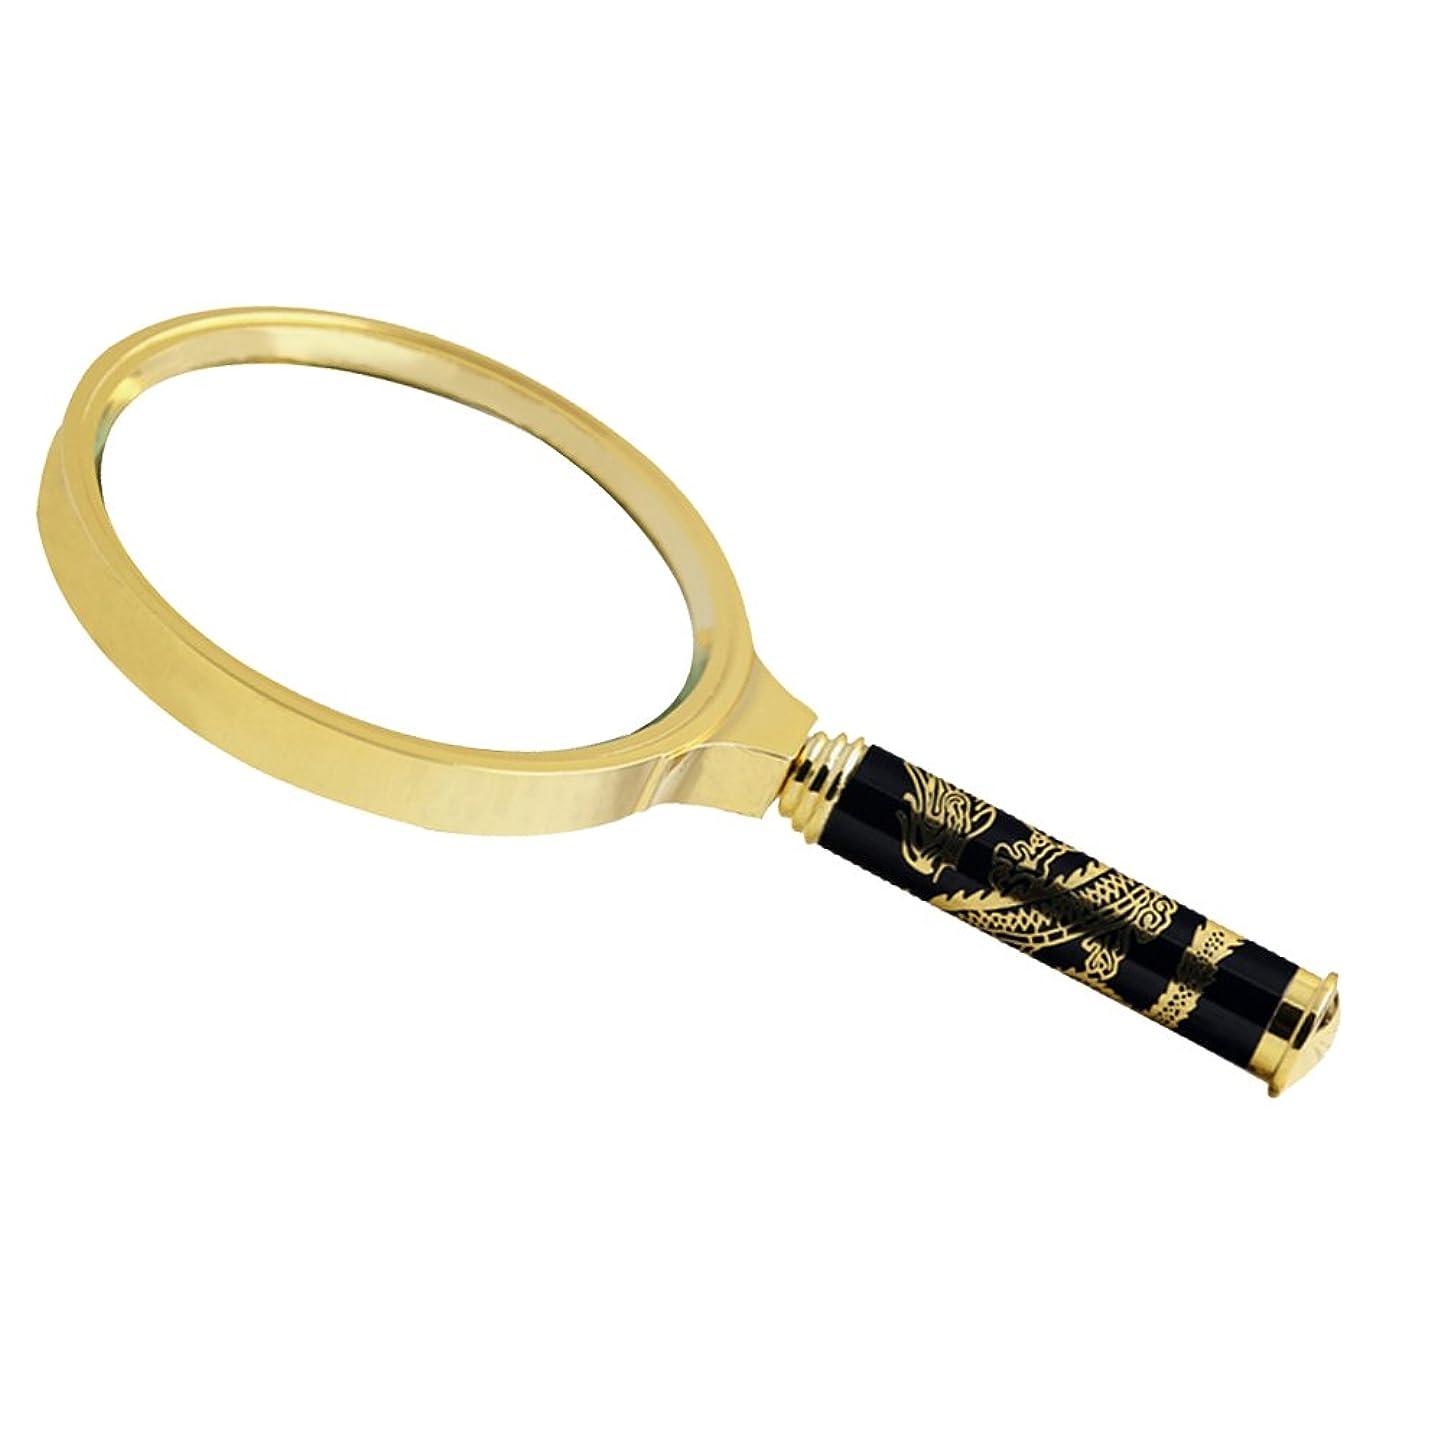 フレキシブル予測服を着る/ロングハンドル銅フレーム携帯老人のHD読書30倍高光学ハンドヘルドルーペ/